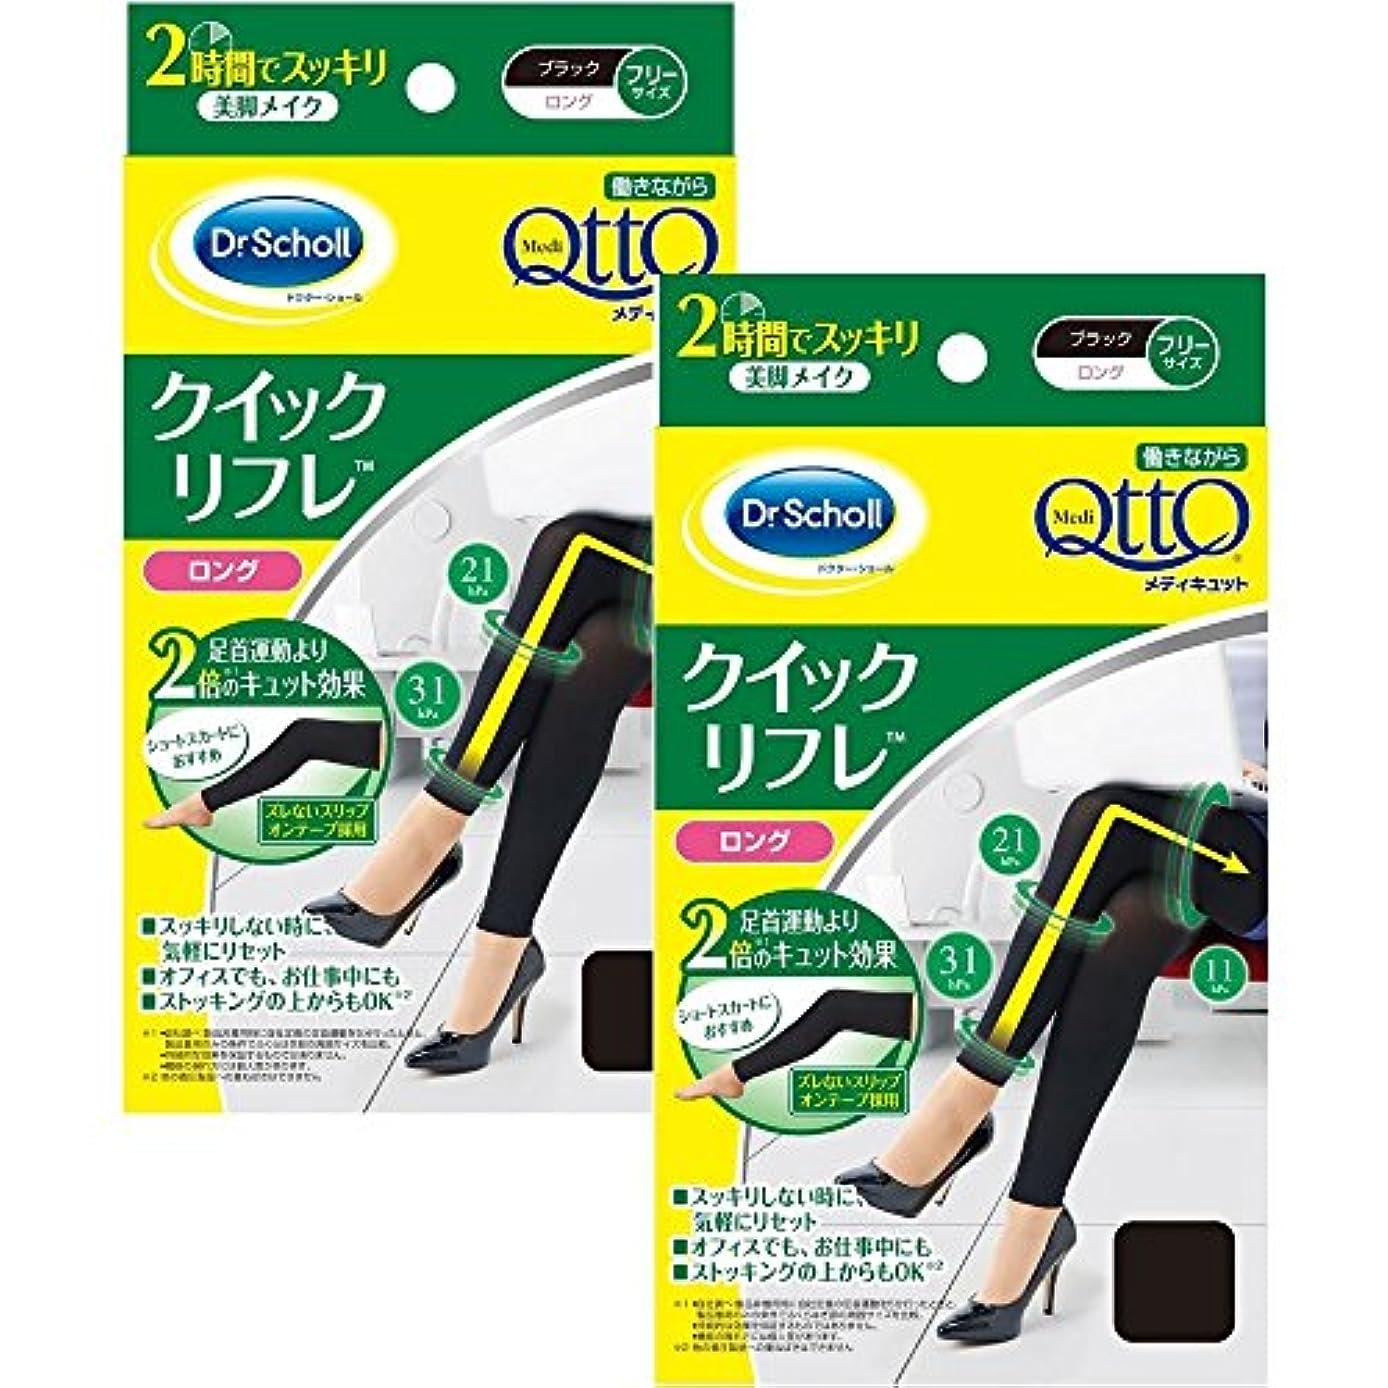 ホース力強い柔らかい足【セット品】メディキュット 働きながらクイックリフレ ブラック ロング フリーサイズ×2個